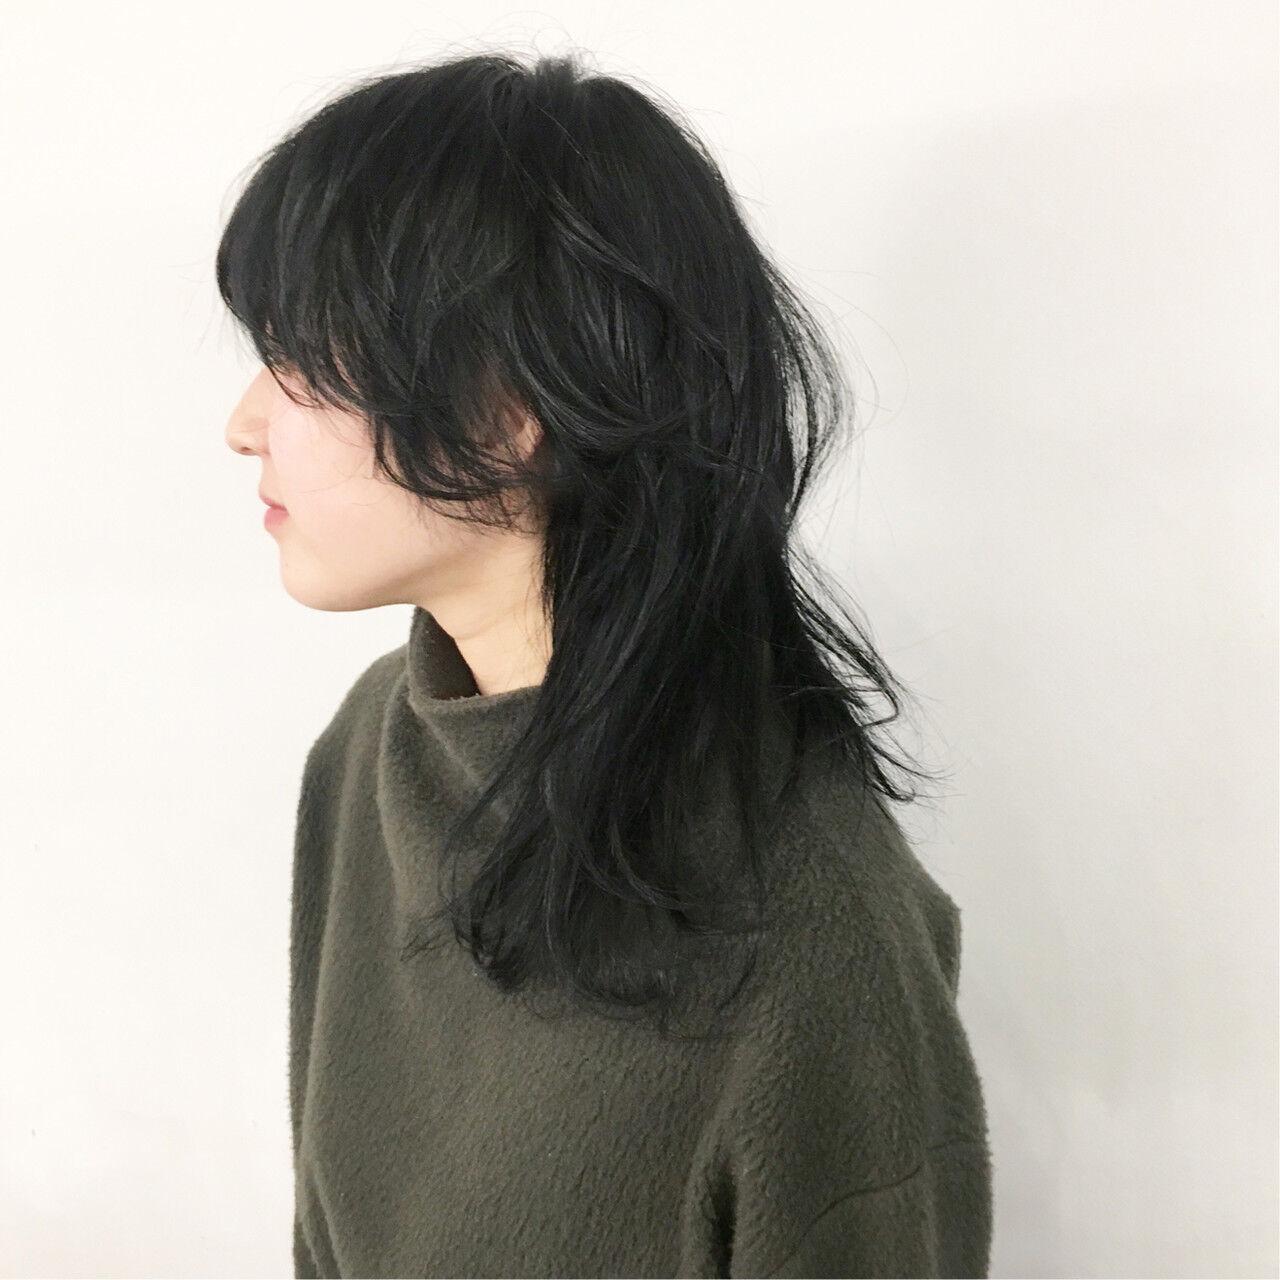 パーマ ミディアム マッシュウルフ ネオウルフヘアスタイルや髪型の写真・画像